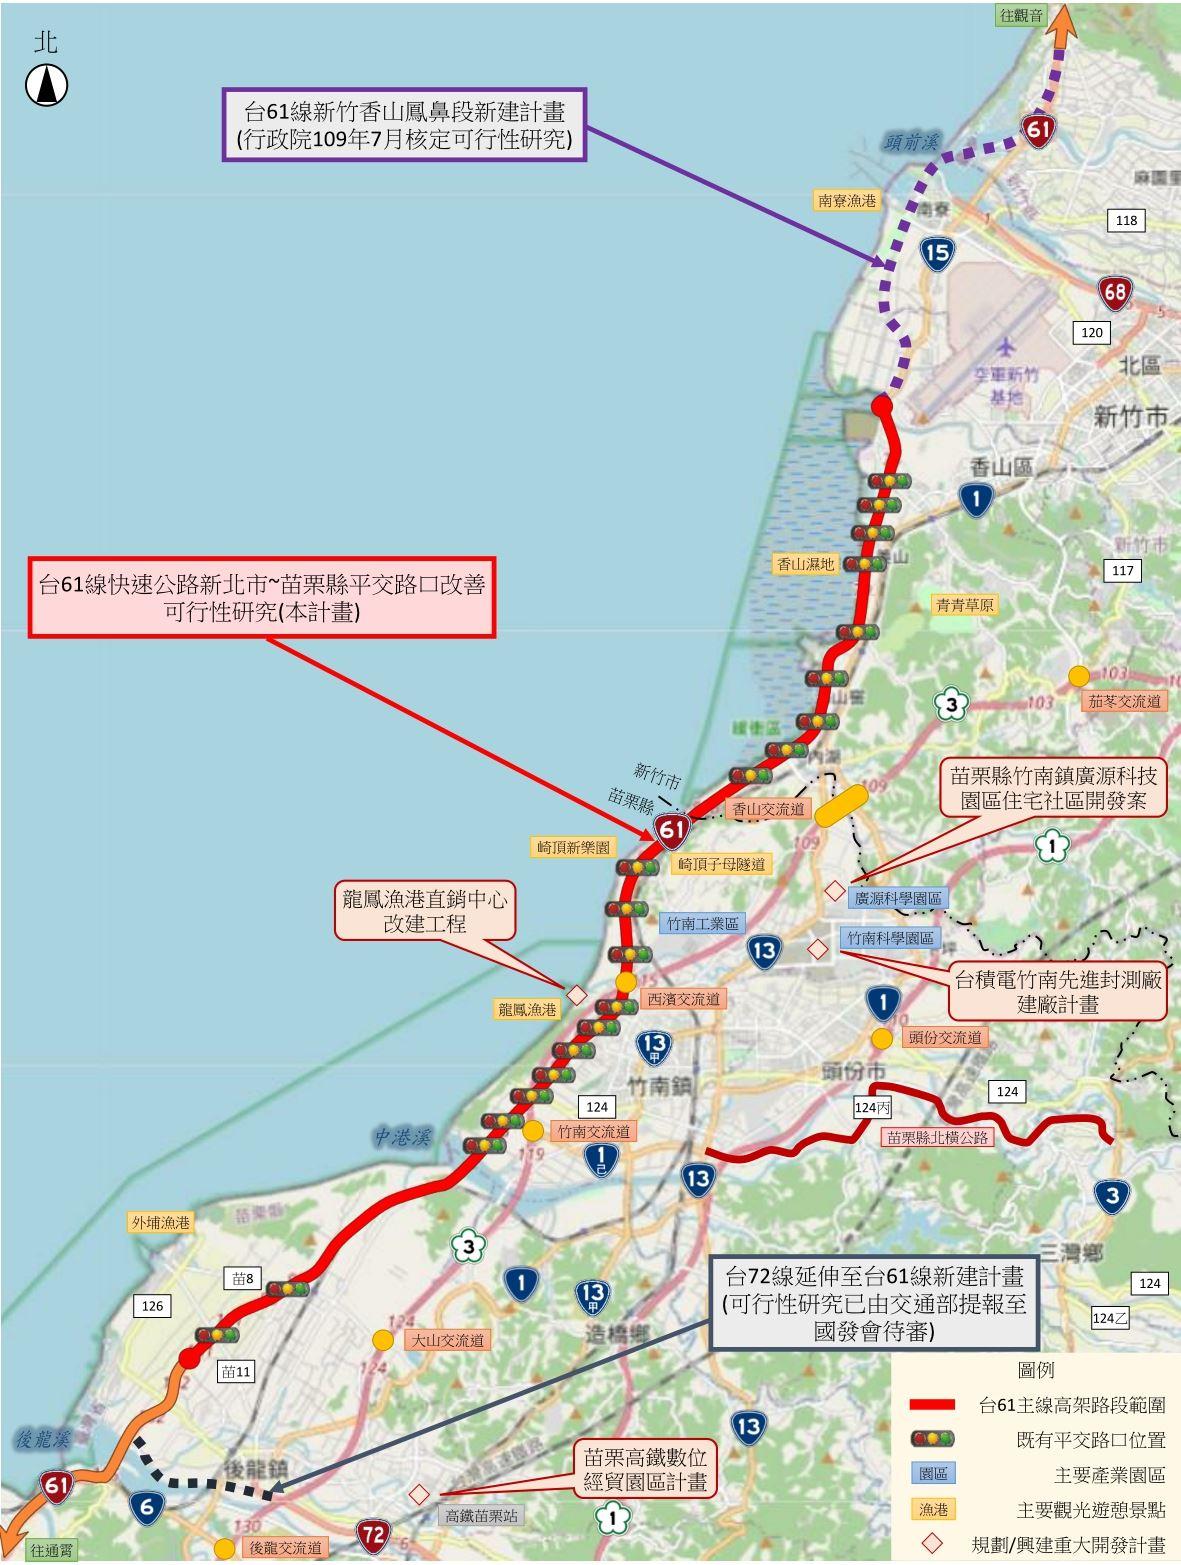 台61主線高架路線及周邊重大開發計畫示意圖